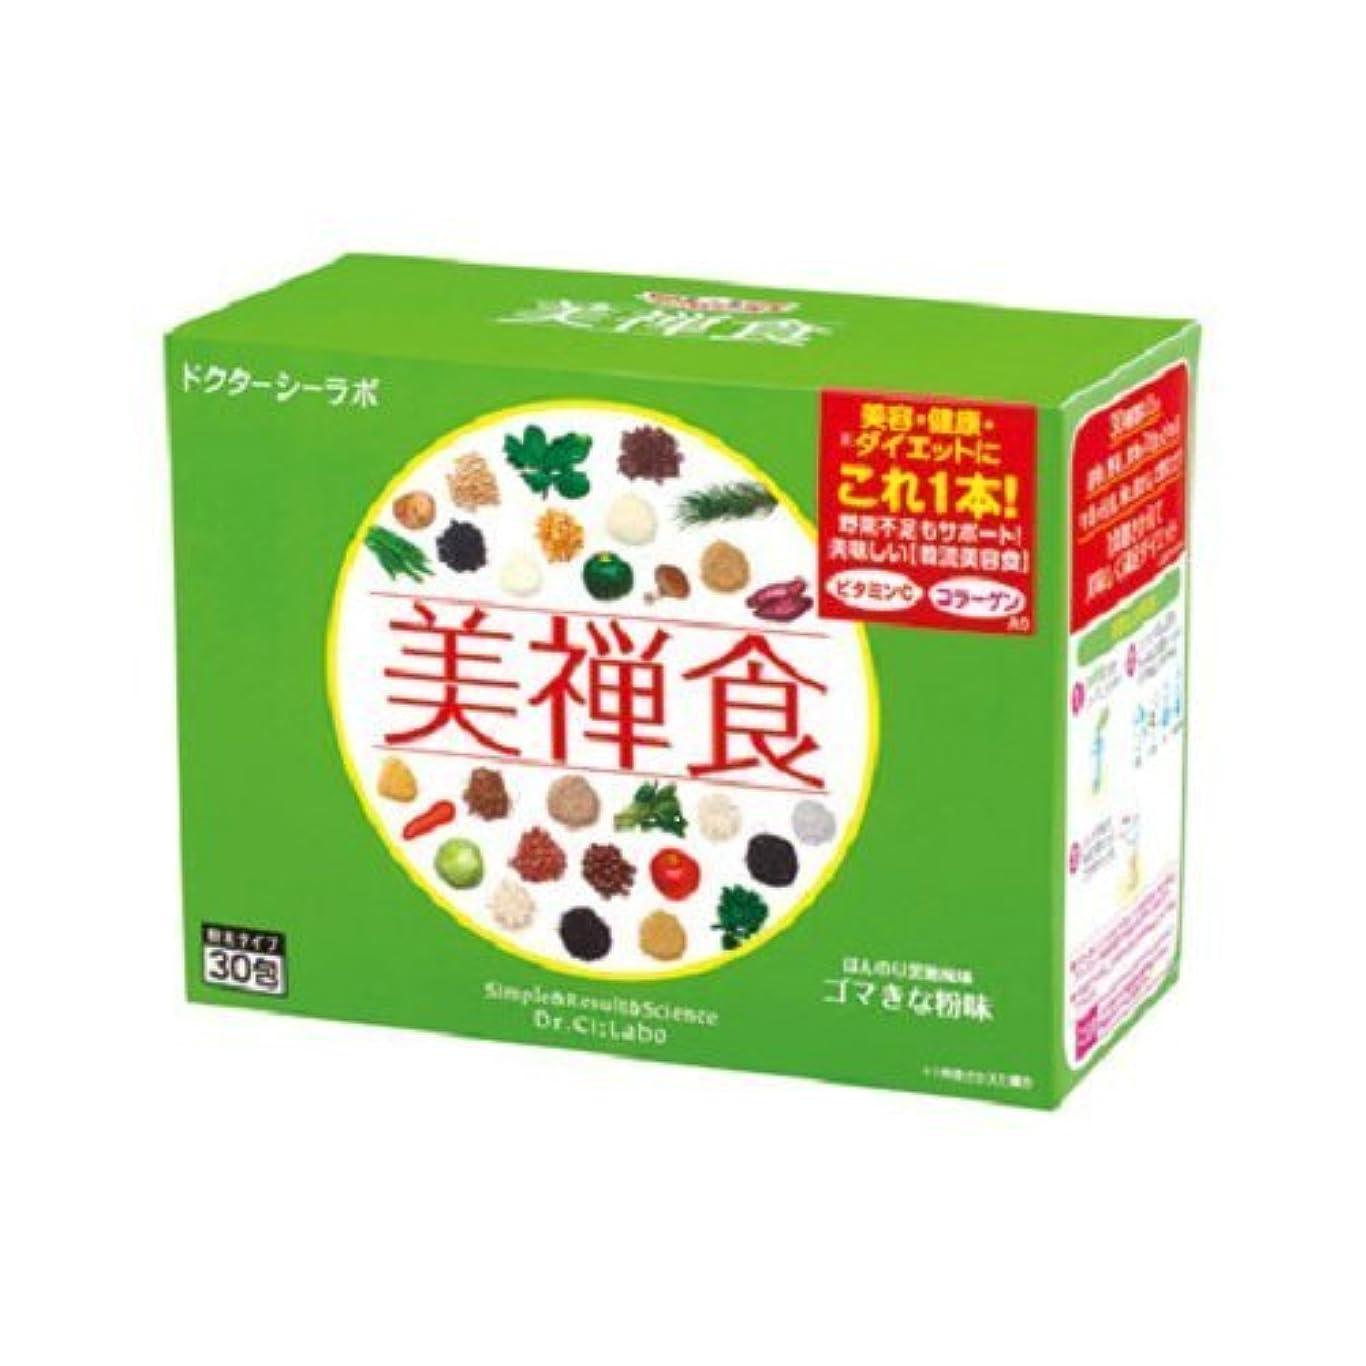 チャンバー才能のあるアルバム【訳あり】ドクターシーラボ 美禅食 462g(15.4g×30包) ※箱潰れ 2箱